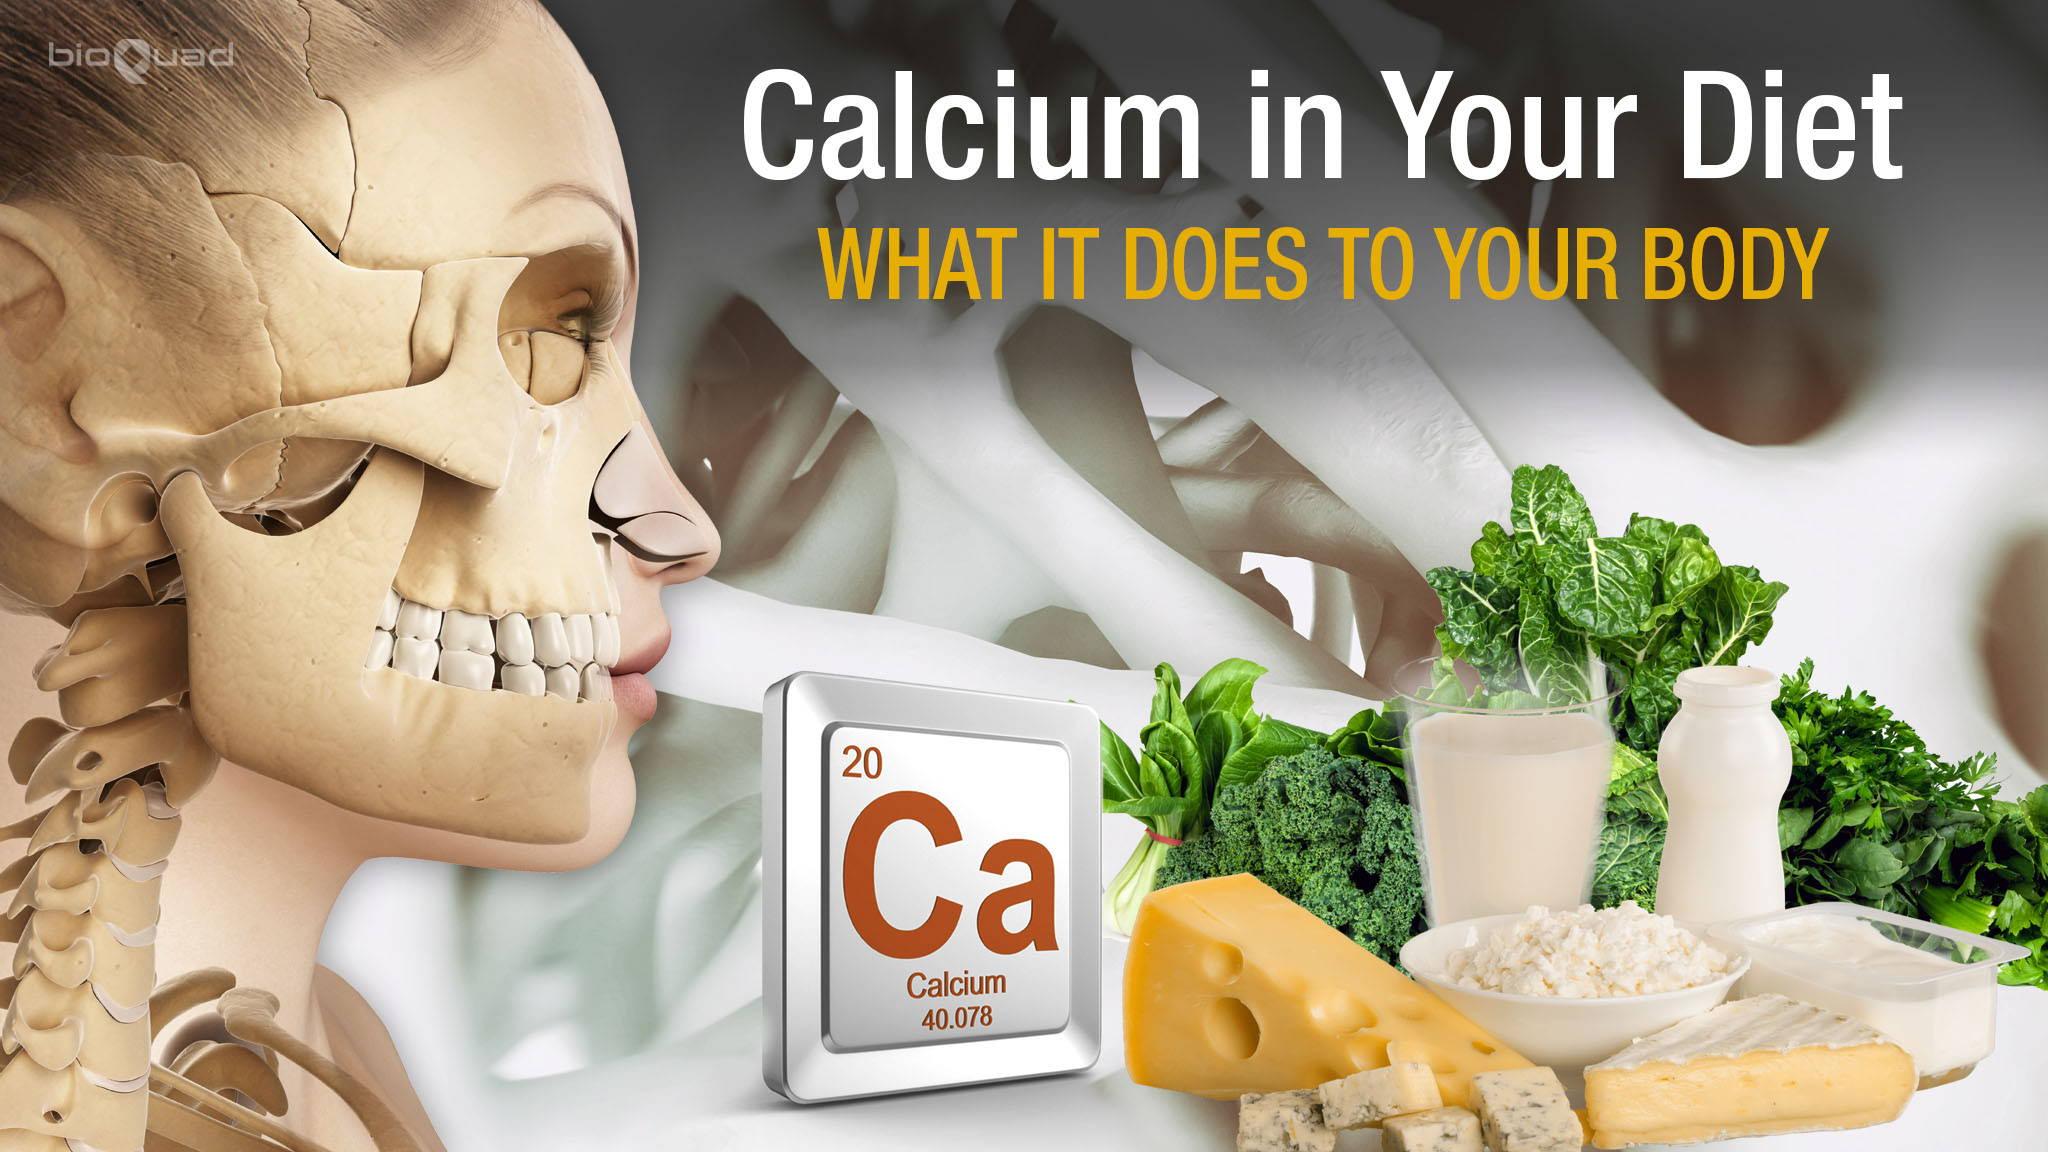 Calcium in Your Diet